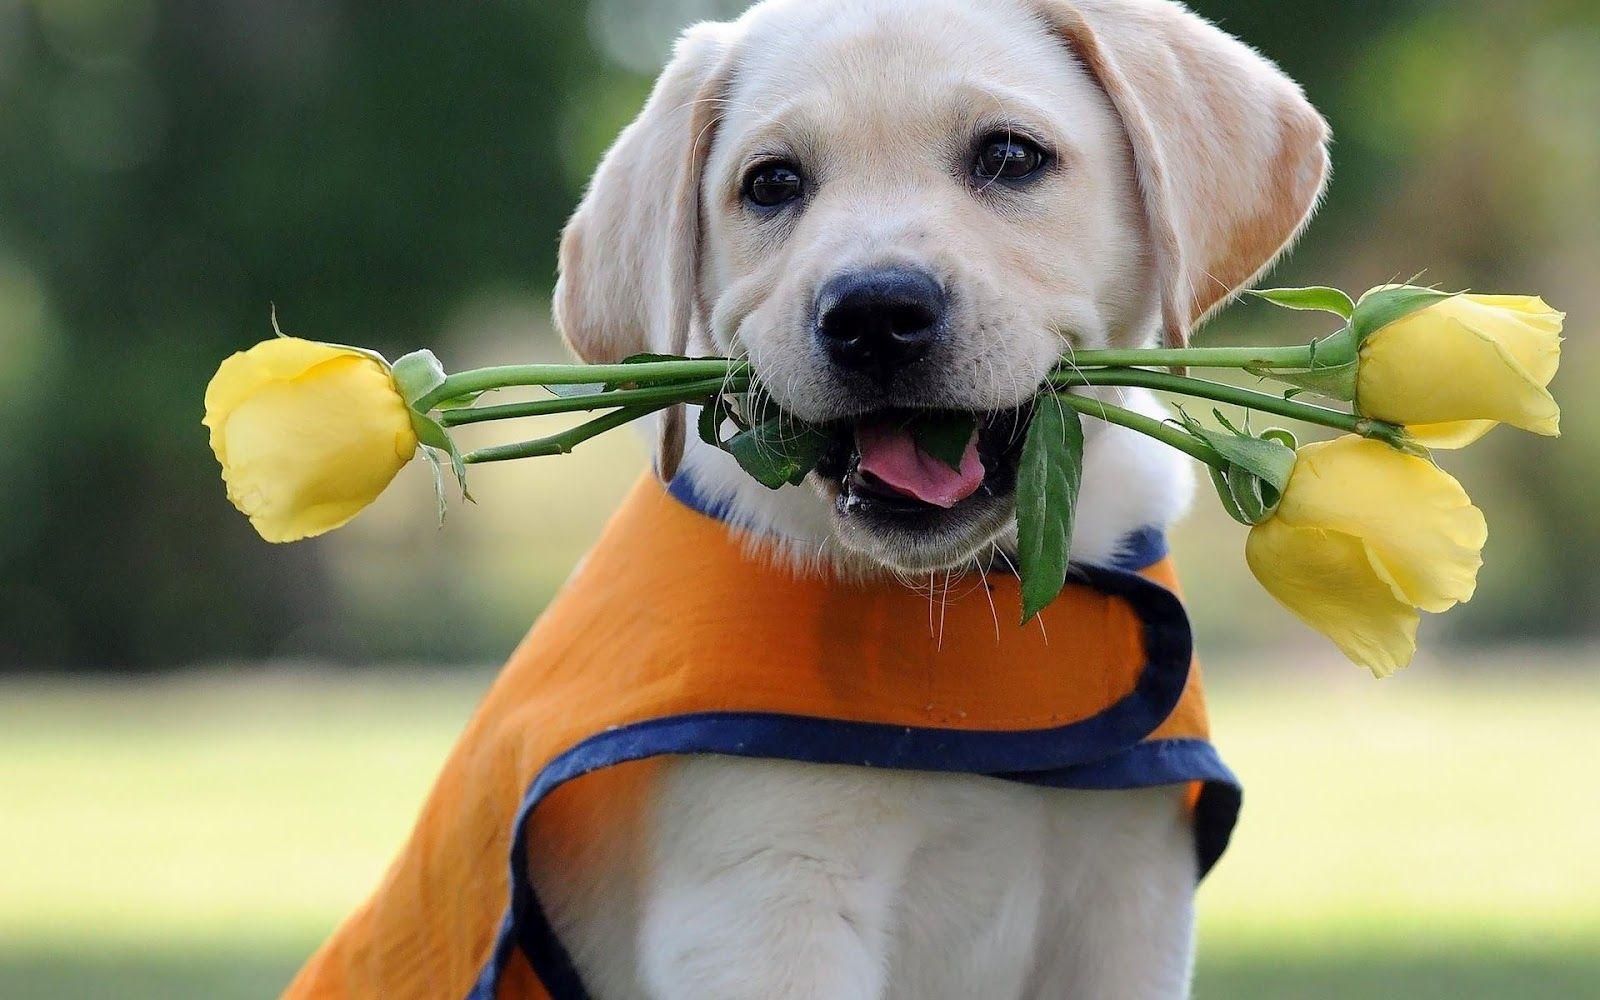 Going To His First Date Http Ift Tt 2jkoja5 Cute Animals